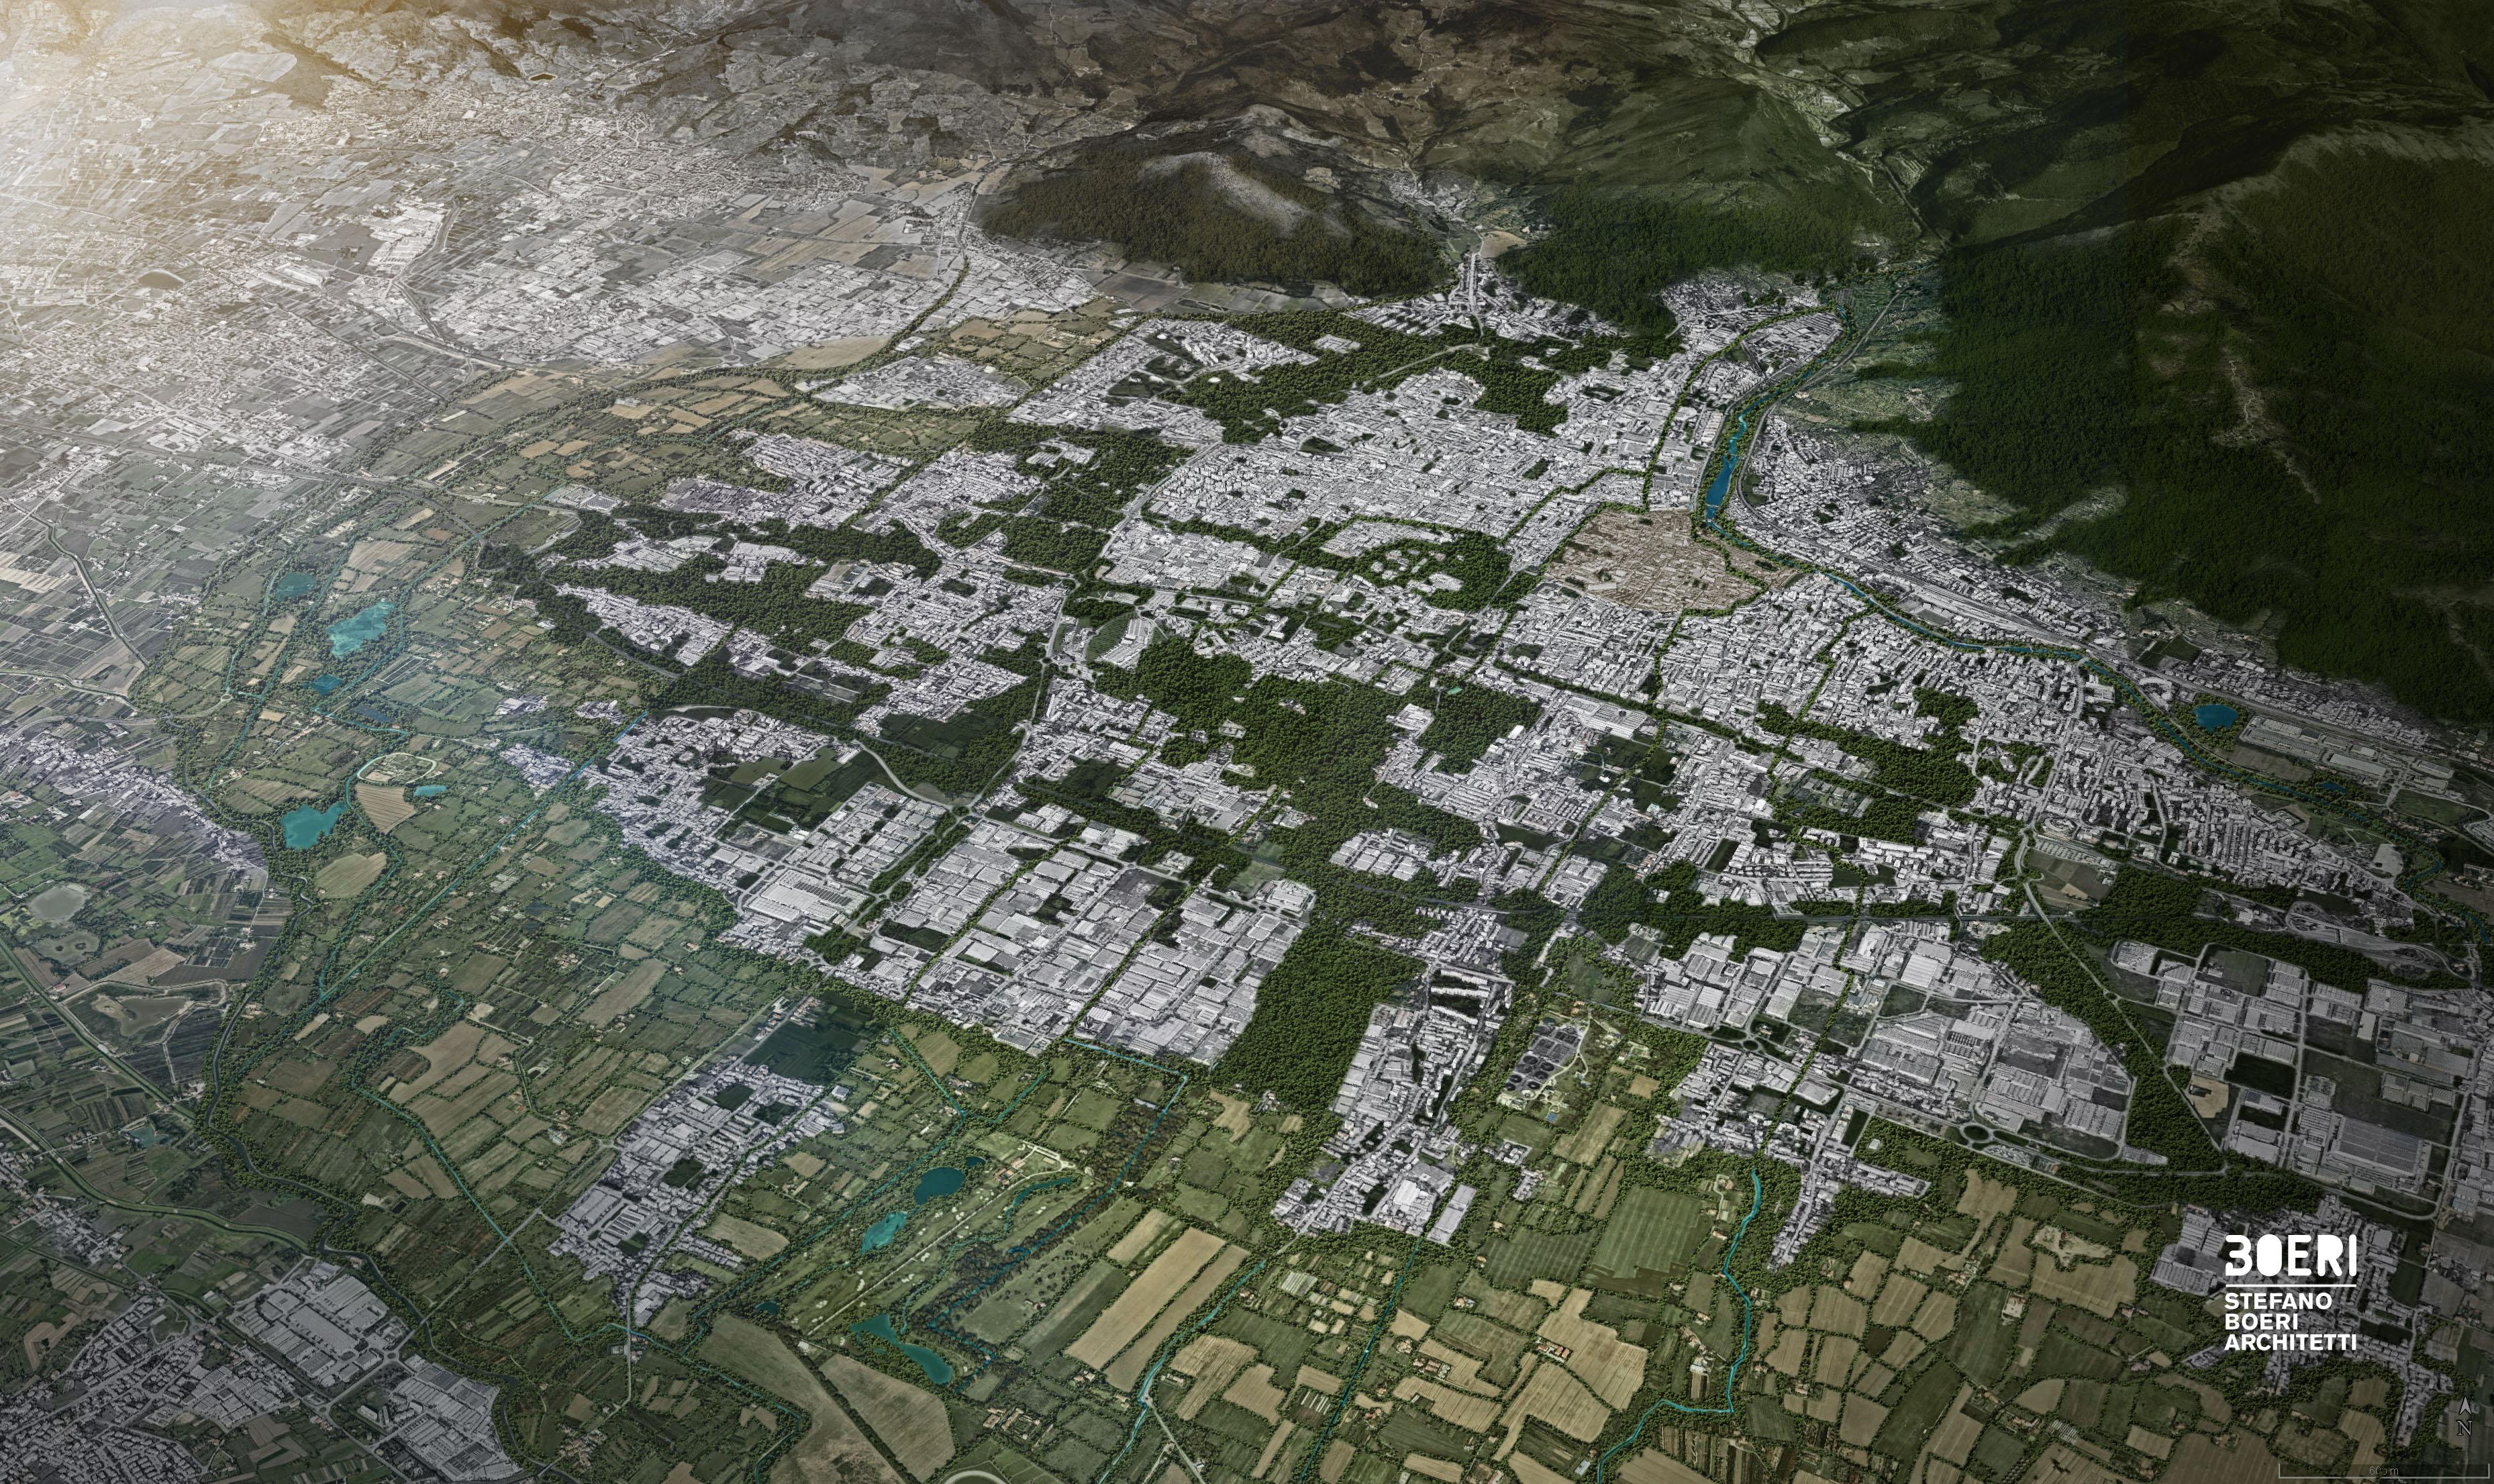 Prato vista dall'alto, le aree verdi nel 2030